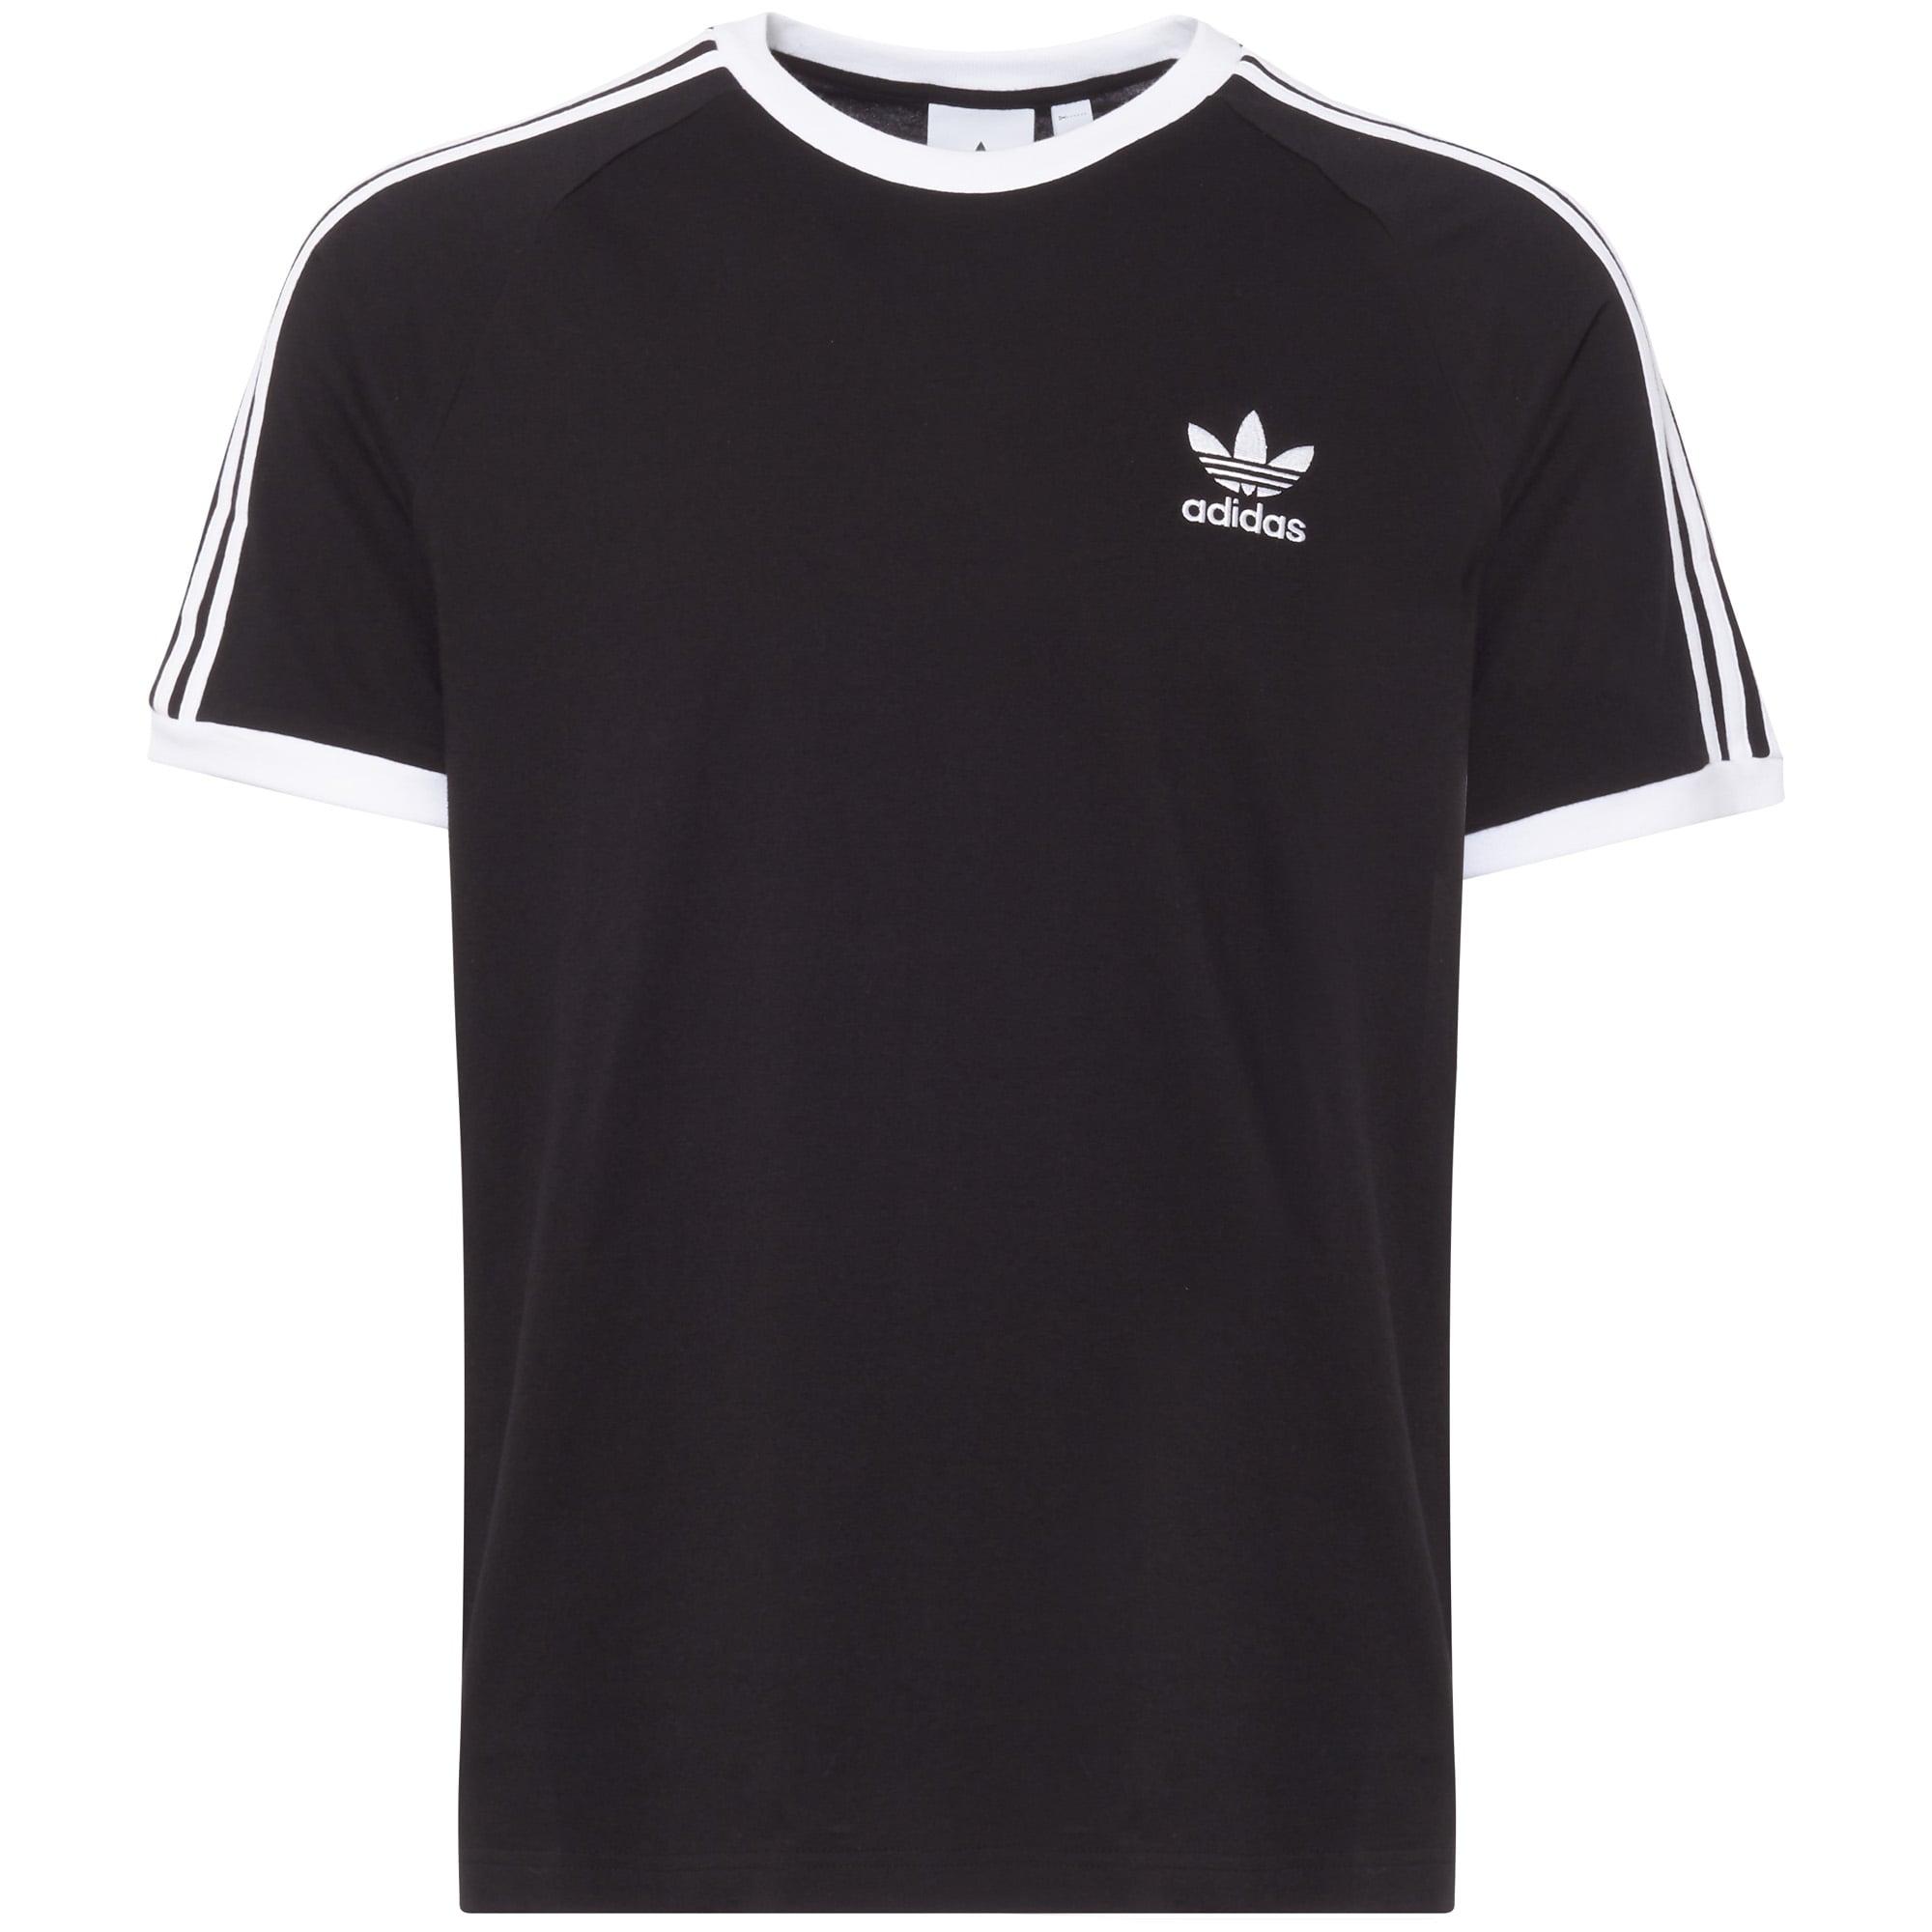 Image of Black 3-Stripes Tee